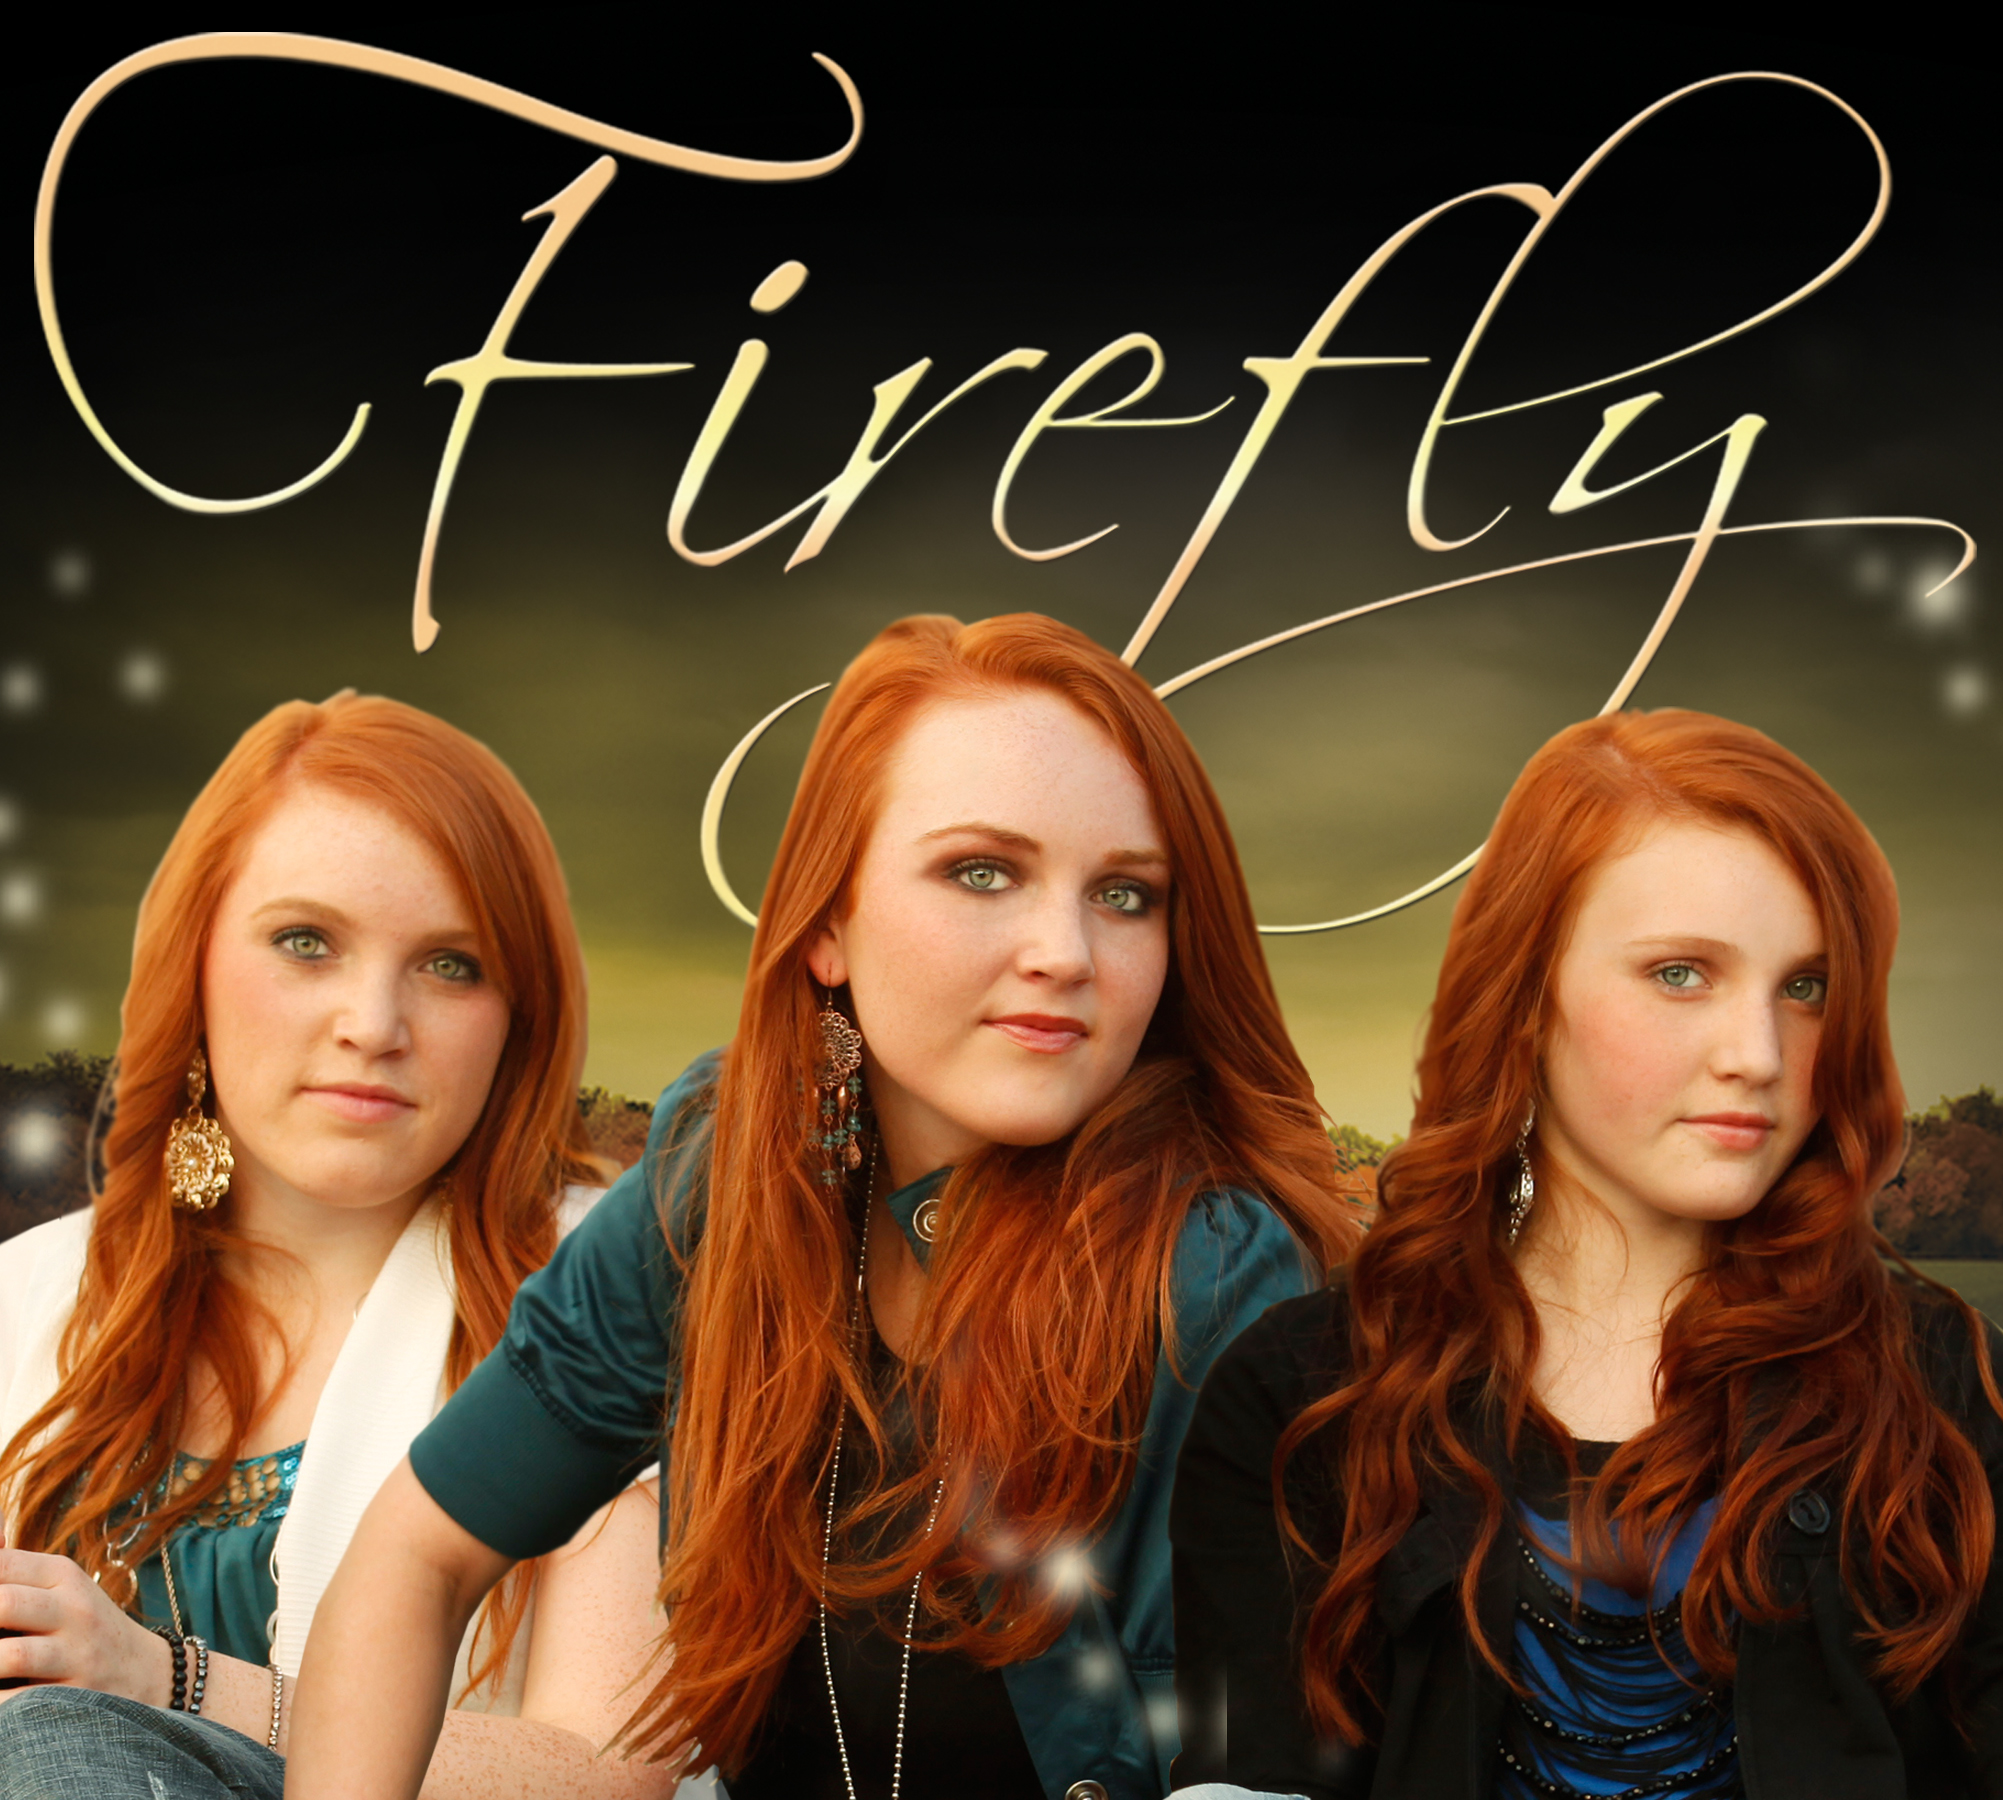 Firefly Promo Image